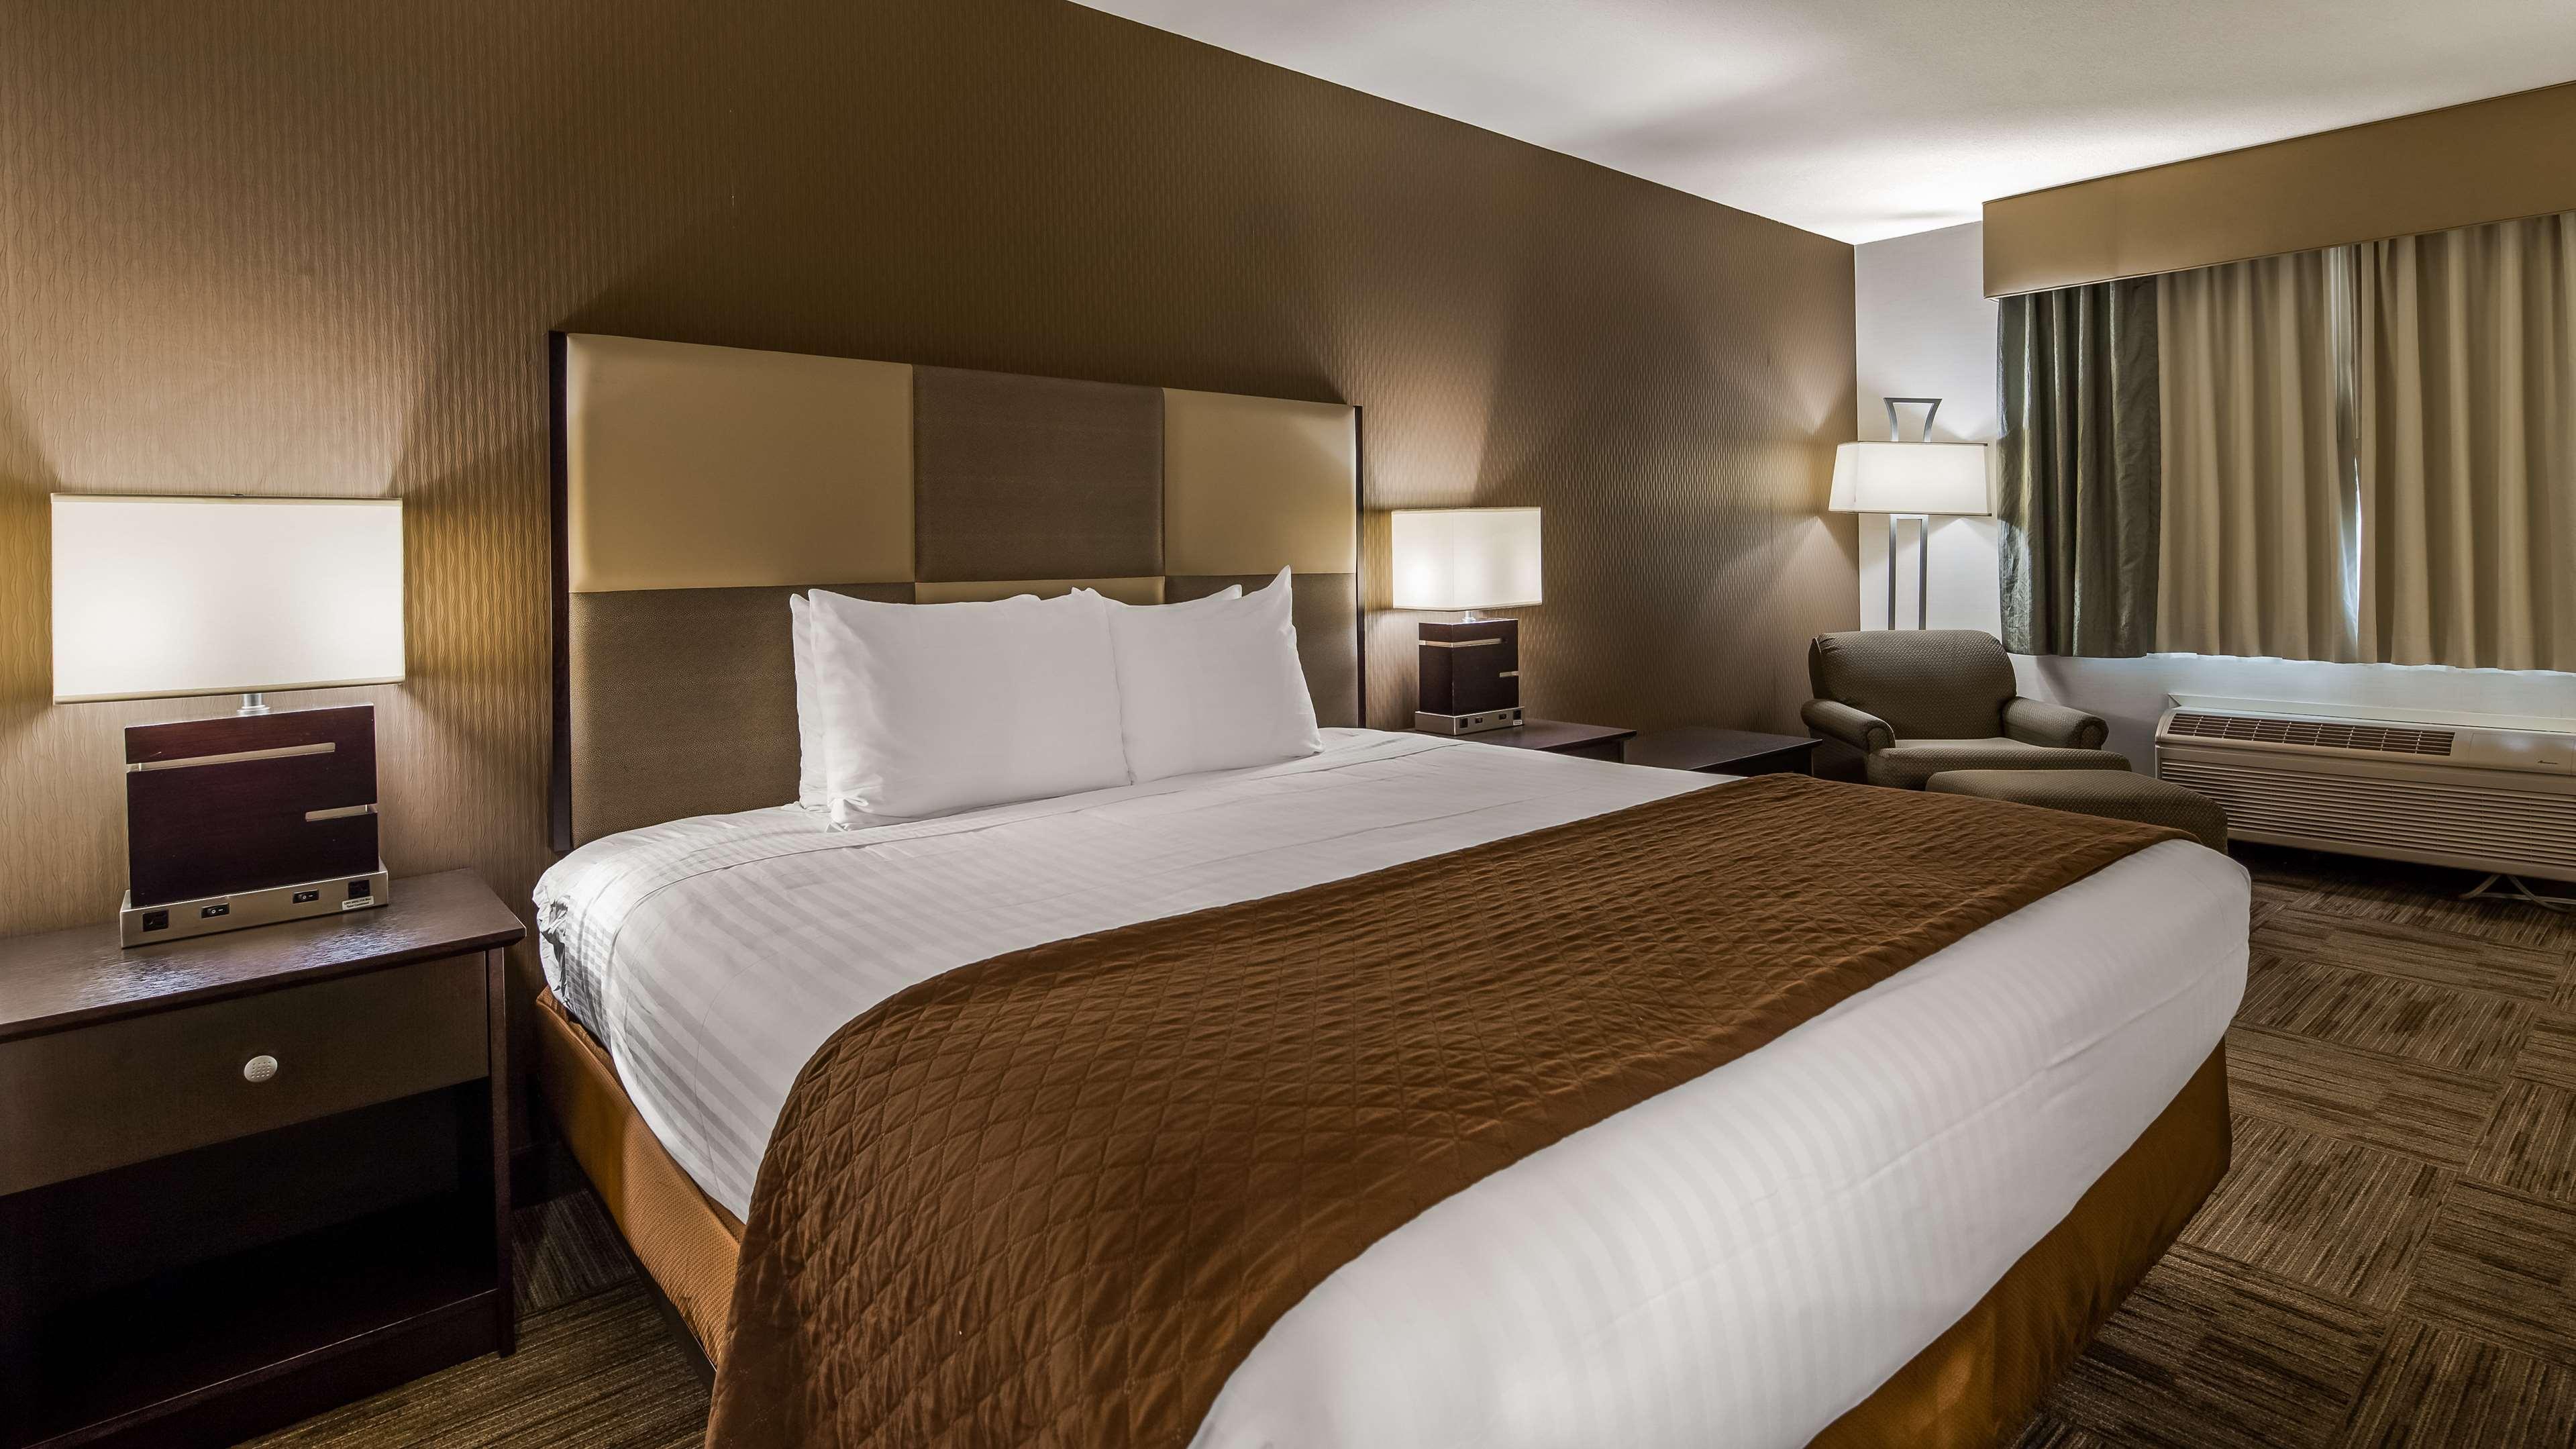 Best Western Yuba City Inn image 10